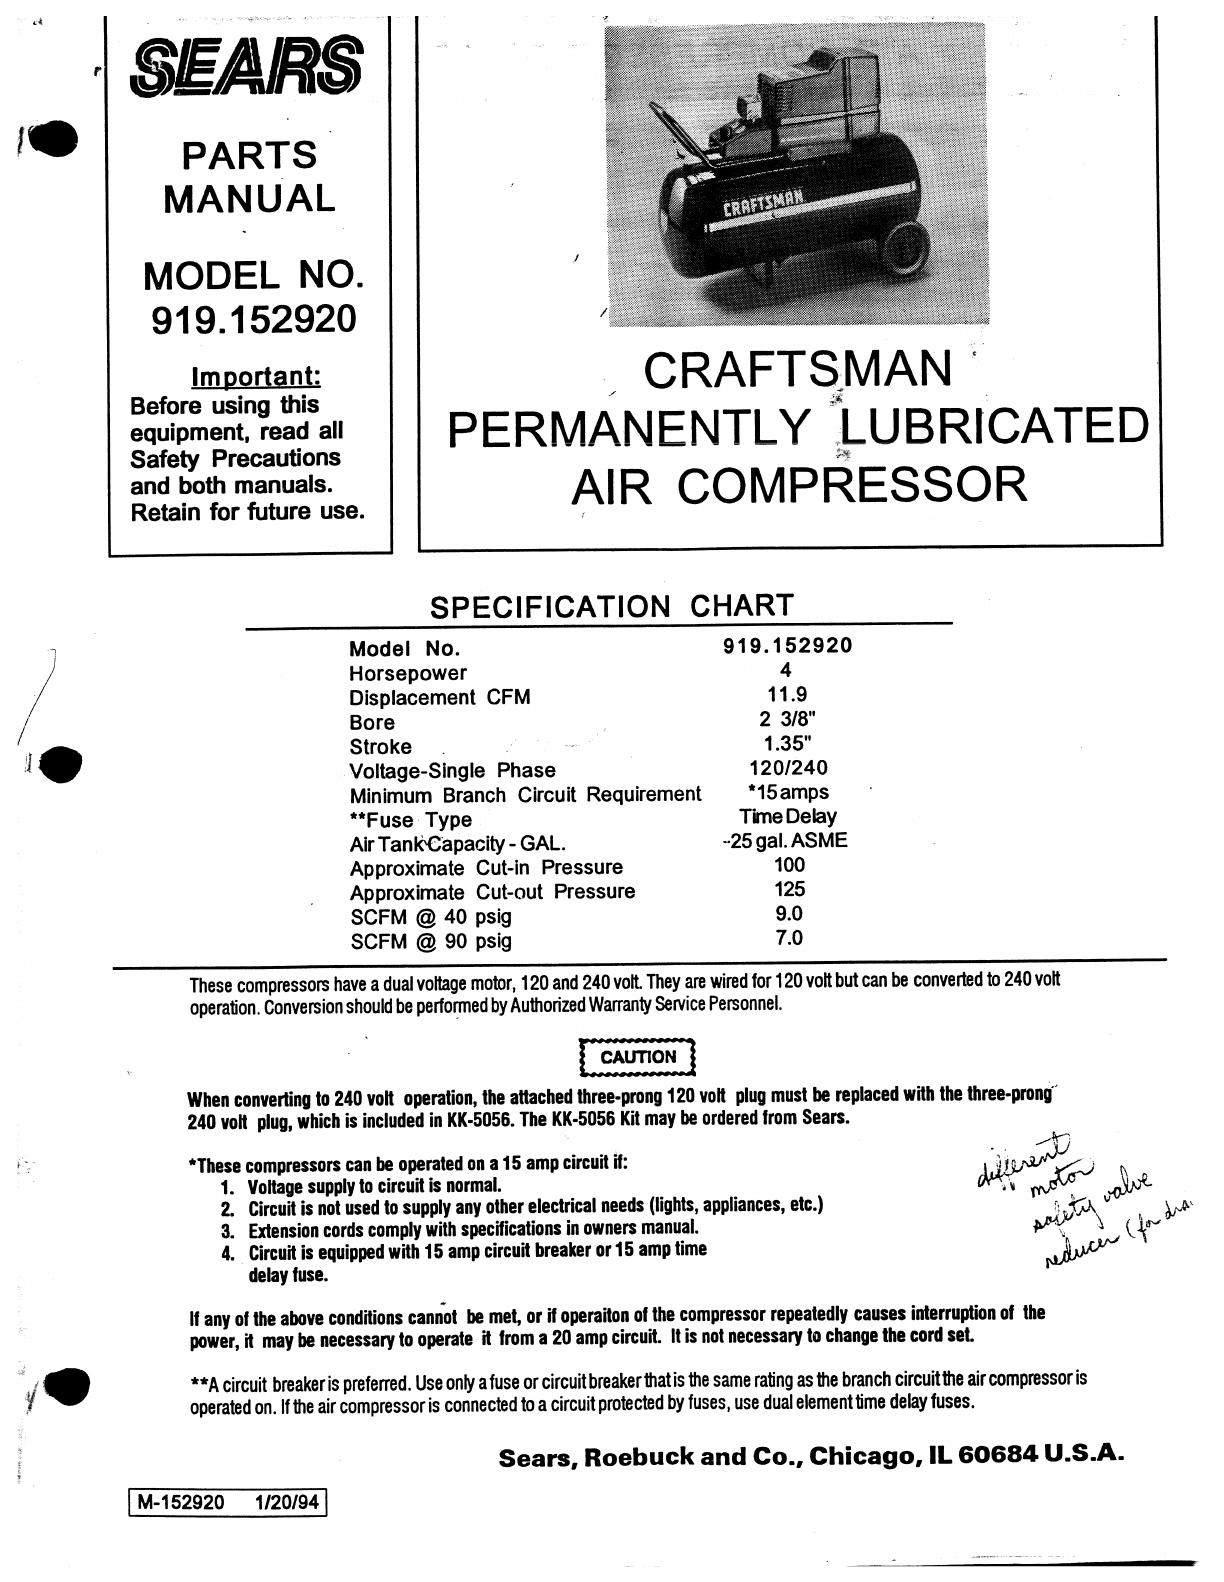 sears air compressor 919152920 user guide manualsonline com rh powertool manualsonline com Craftsman Snow Blower Manuals 24788190 0 Craftsman Snow Blower Parts Manuals